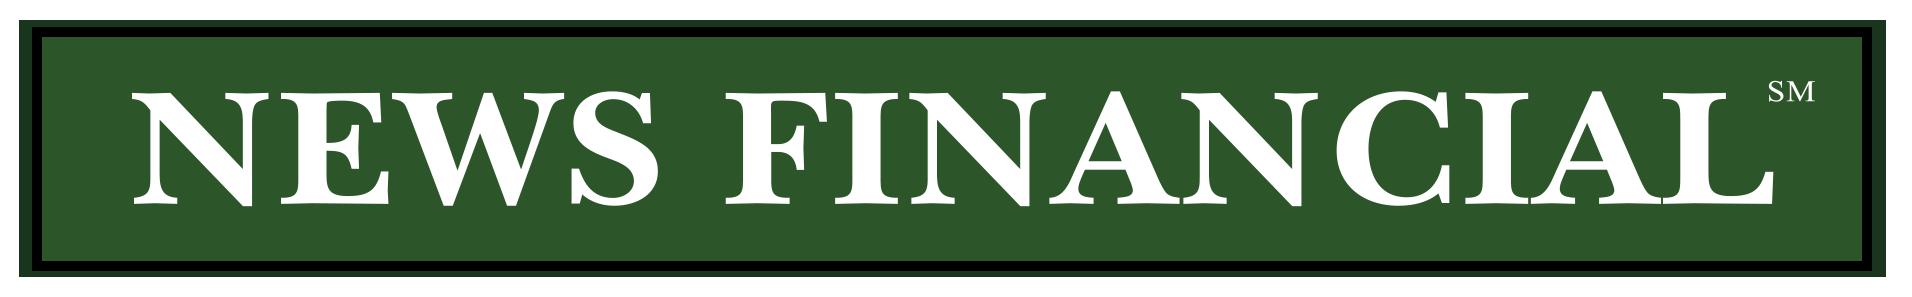 News Financial